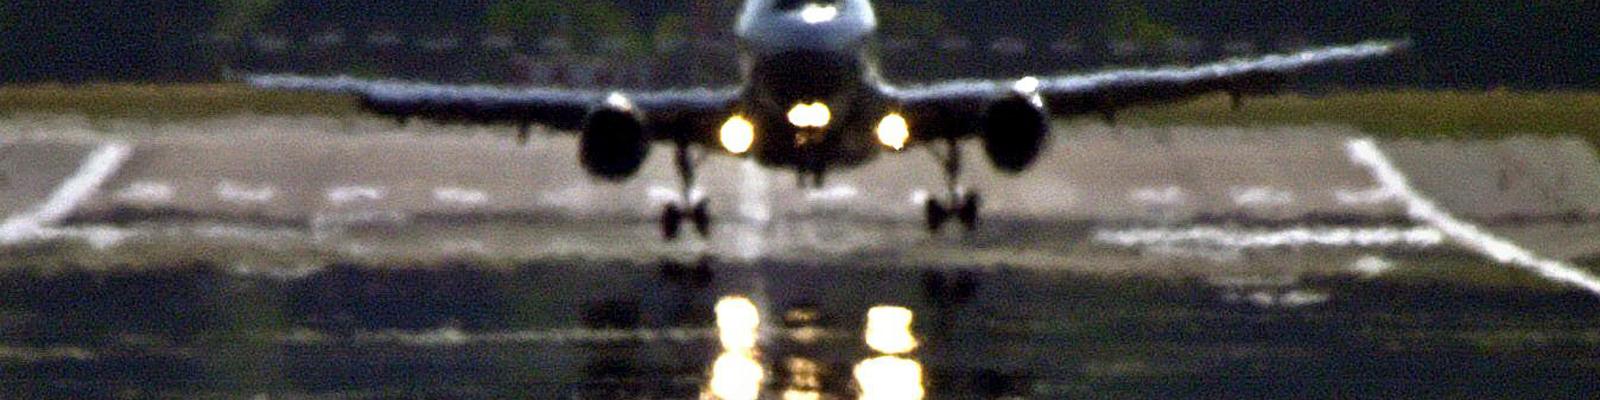 Das Scheinwerferlicht eines landenden Flugzeuges auf dem Hamburger Flughafen spiegelt sich in den vor Hitze flimmernden Luftschichten über der Landebahn.